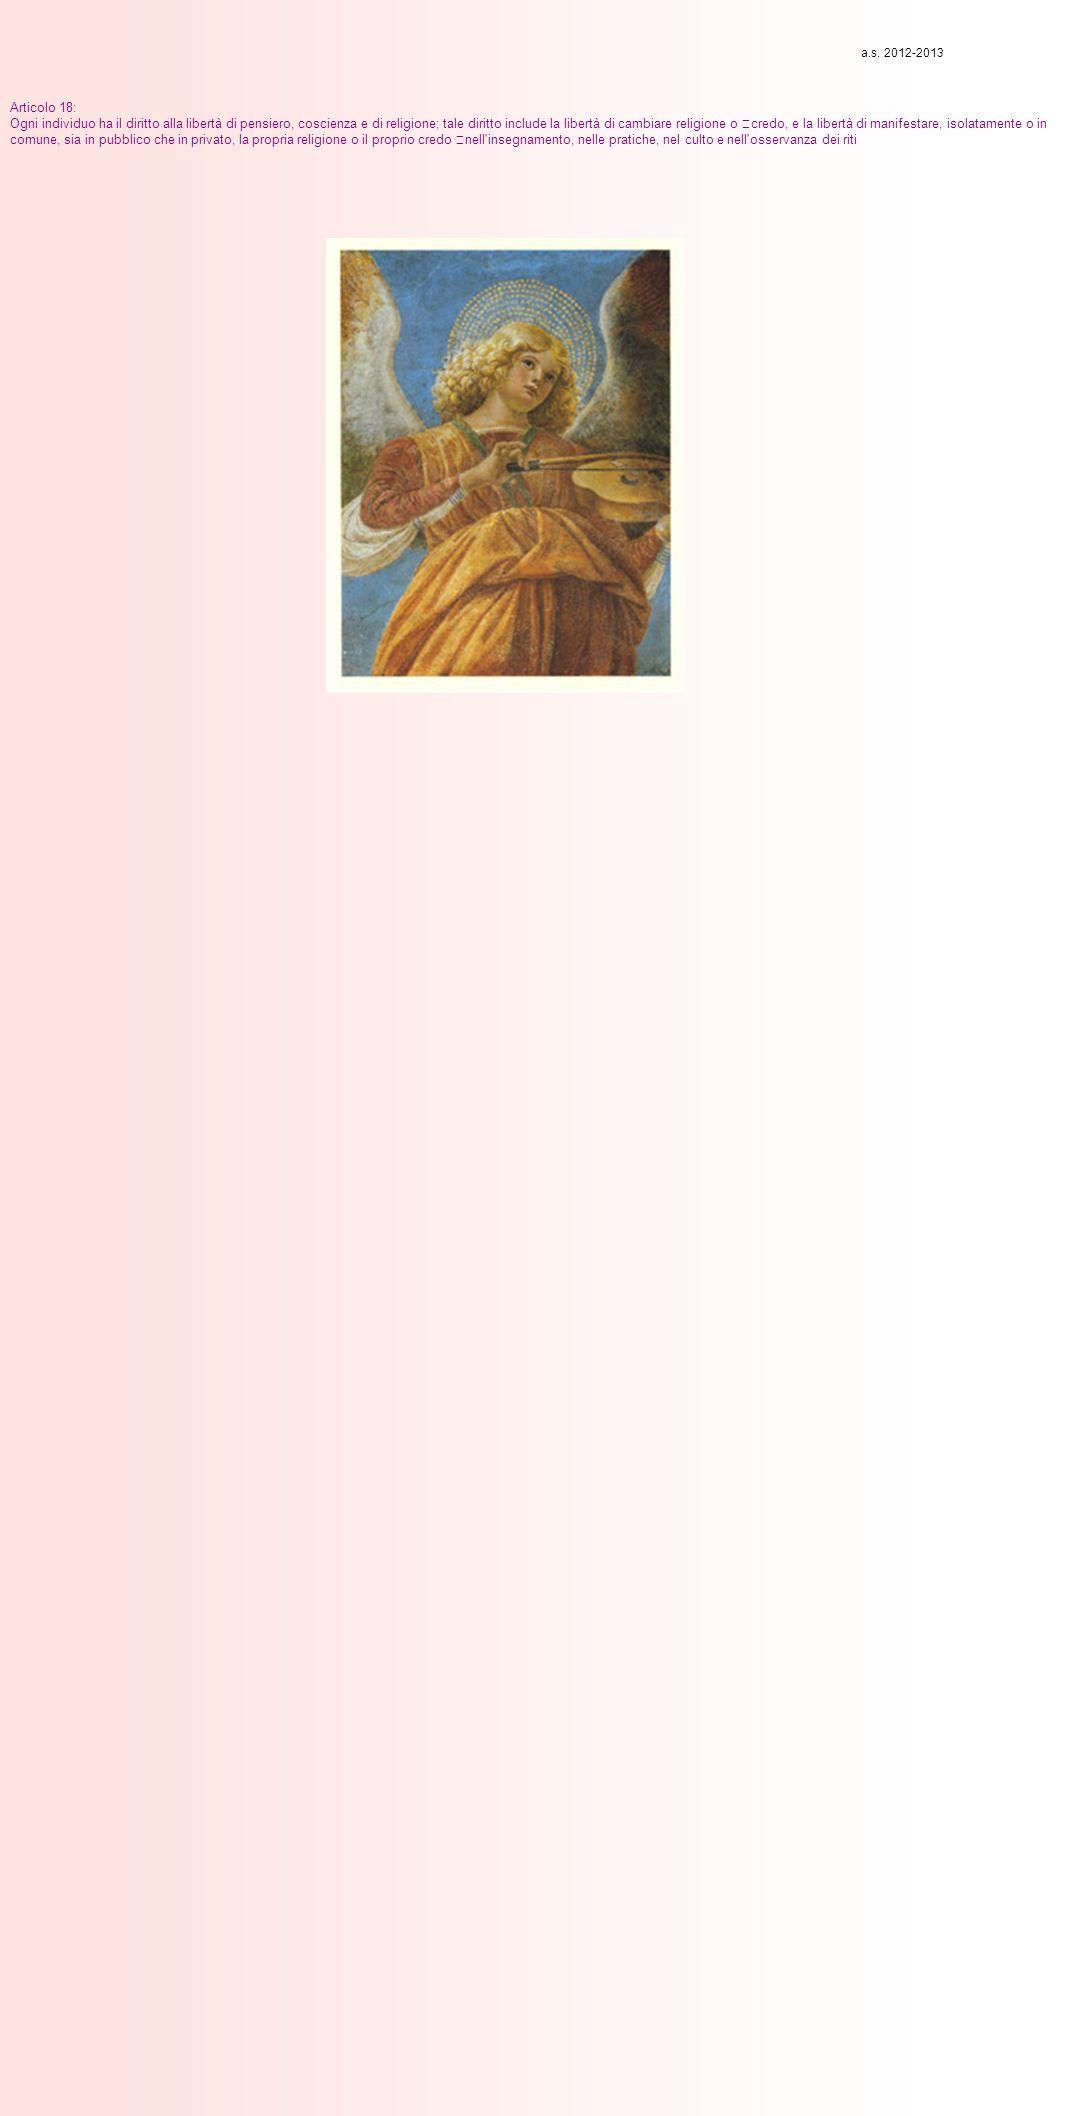 Articolo 18: Ogni individuo ha il diritto alla libertà di pensiero, coscienza e di religione; tale diritto include la libertà di cambiare religione o credo, e la libertà di manifestare, isolatamente o in comune, sia in pubblico che in privato, la propria religione o il proprio credo nell insegnamento, nelle pratiche, nel culto e nell osservanza dei riti a.s.